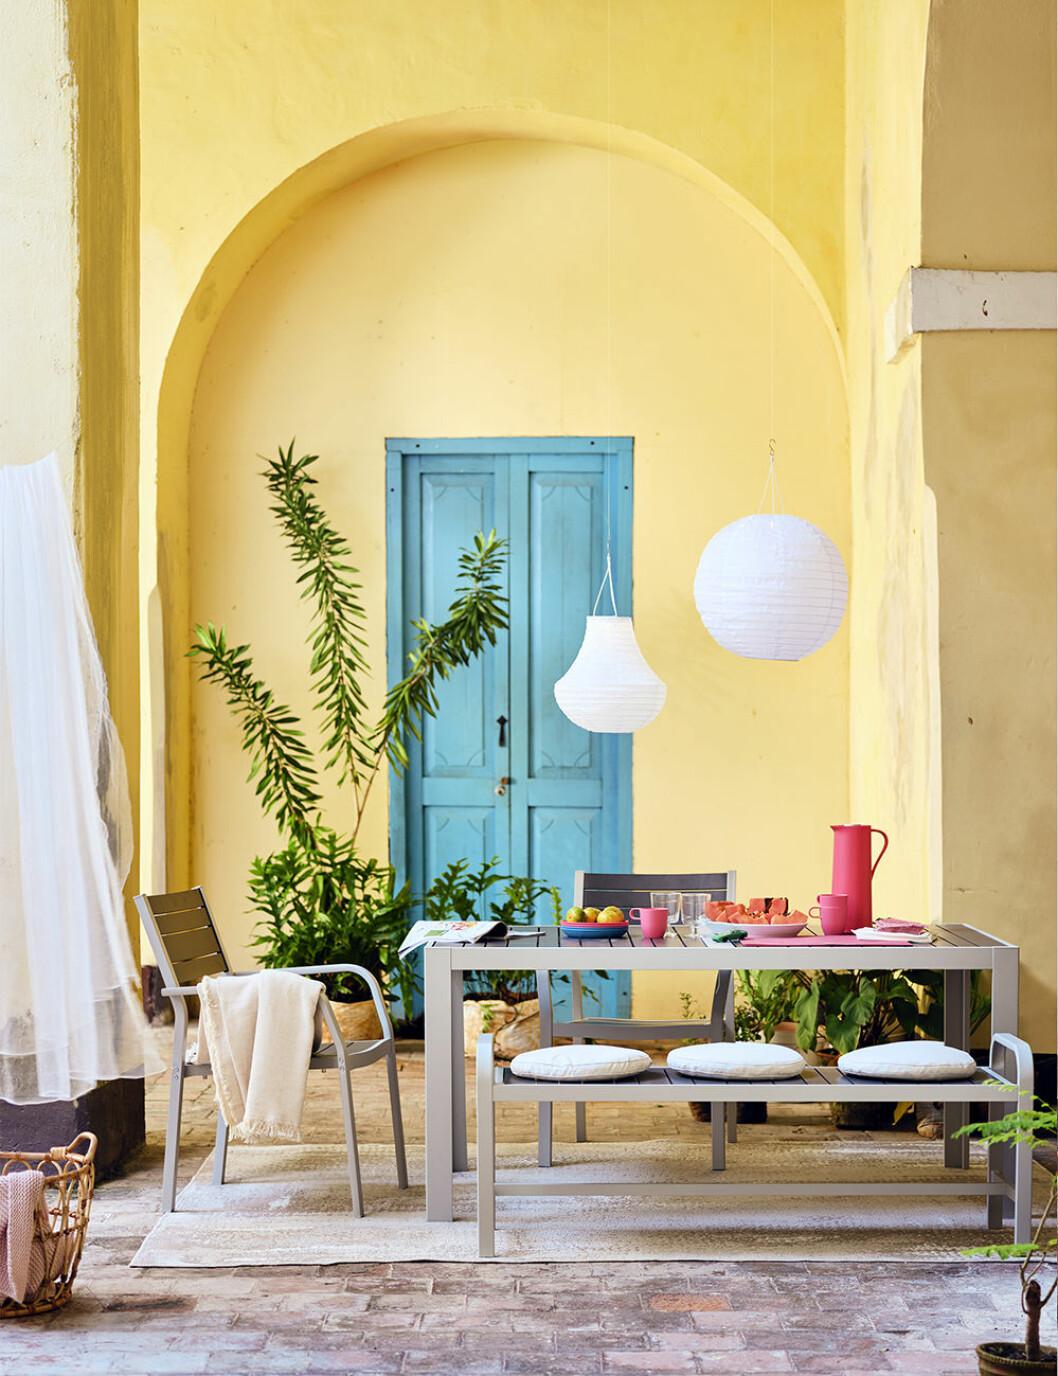 Utemöbler och färgglada detaljer på Ikea sommaren 2020